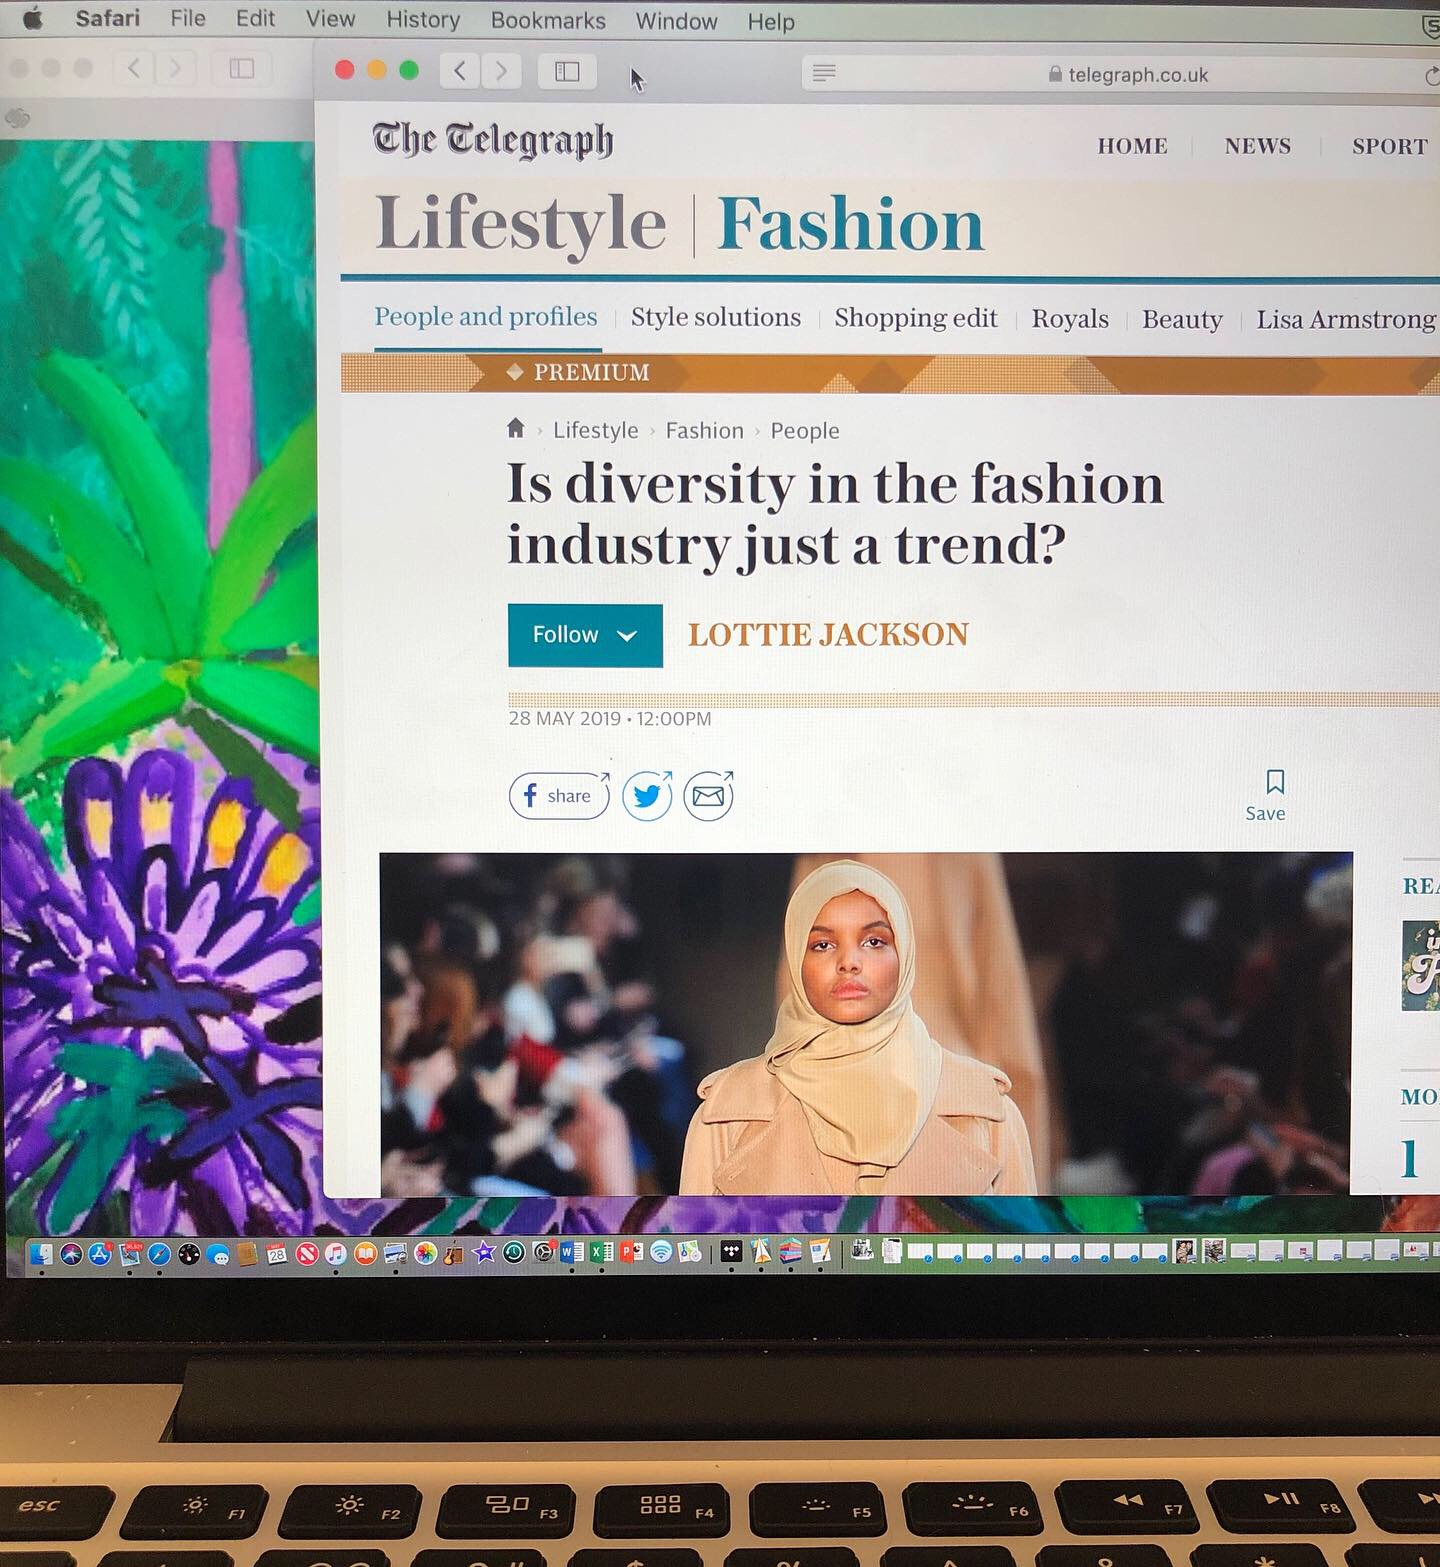 lottie jackson diversity in fashion